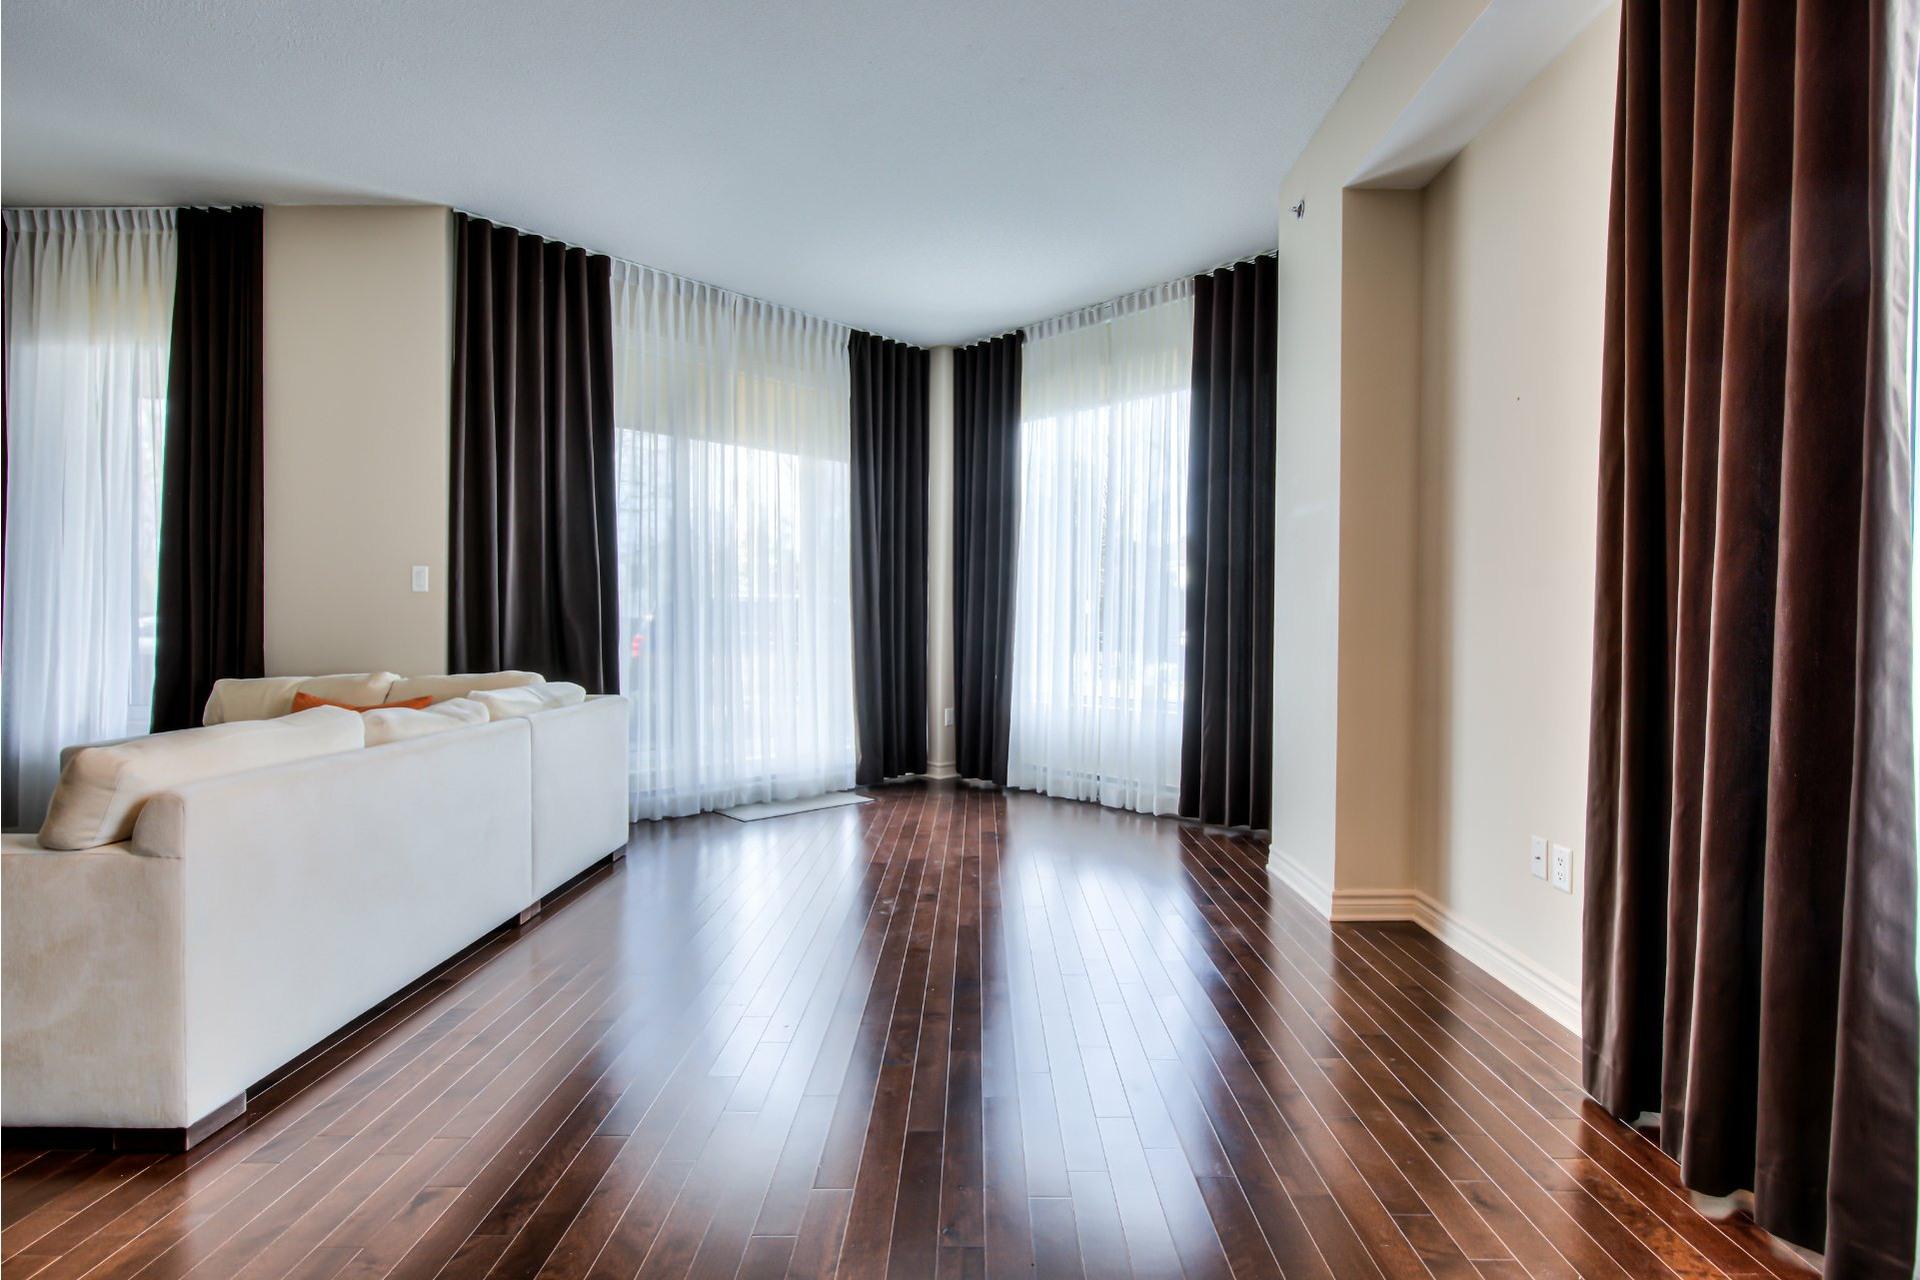 image 12 - Appartement À vendre Vaudreuil-Dorion - 8 pièces